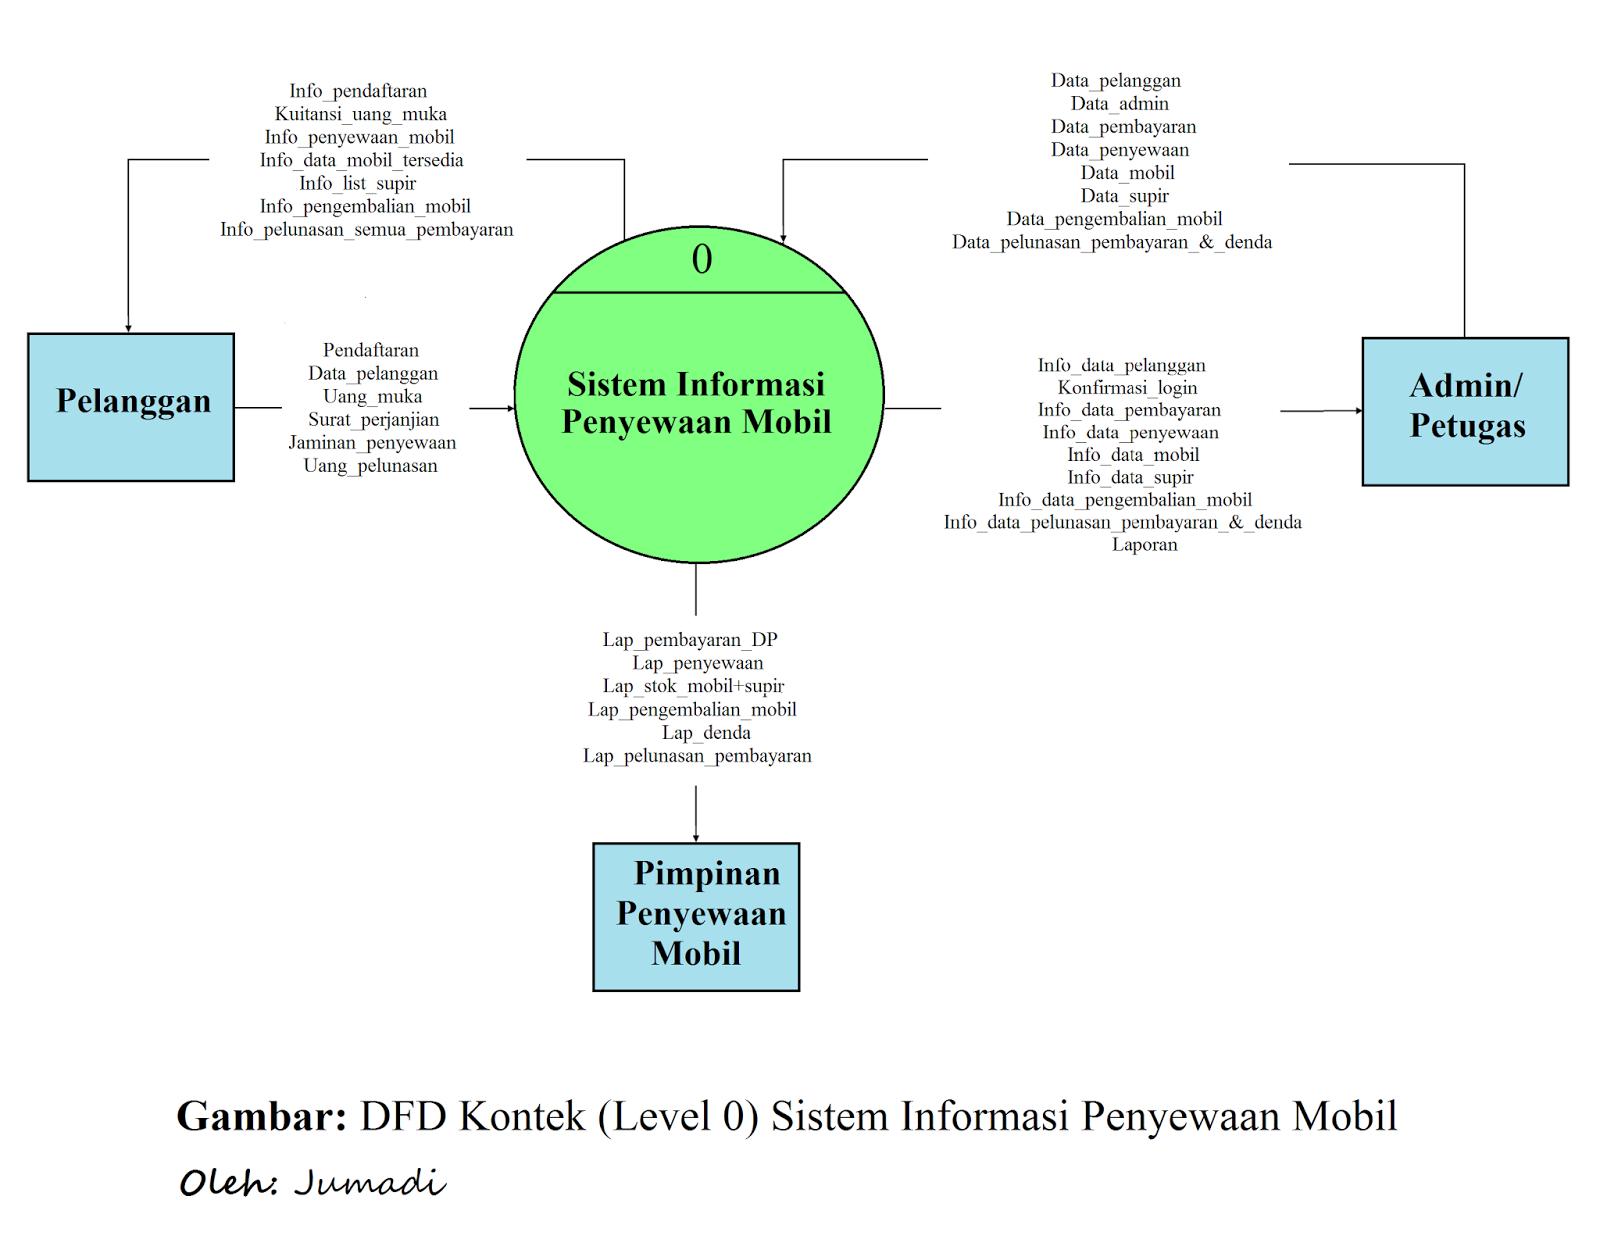 Contoh pembuatan erd dan dfd dalam sistem penyewaan mobil d data flow diagram dfd kontek level 0 sistem informasi penyewaan mobil ccuart Choice Image